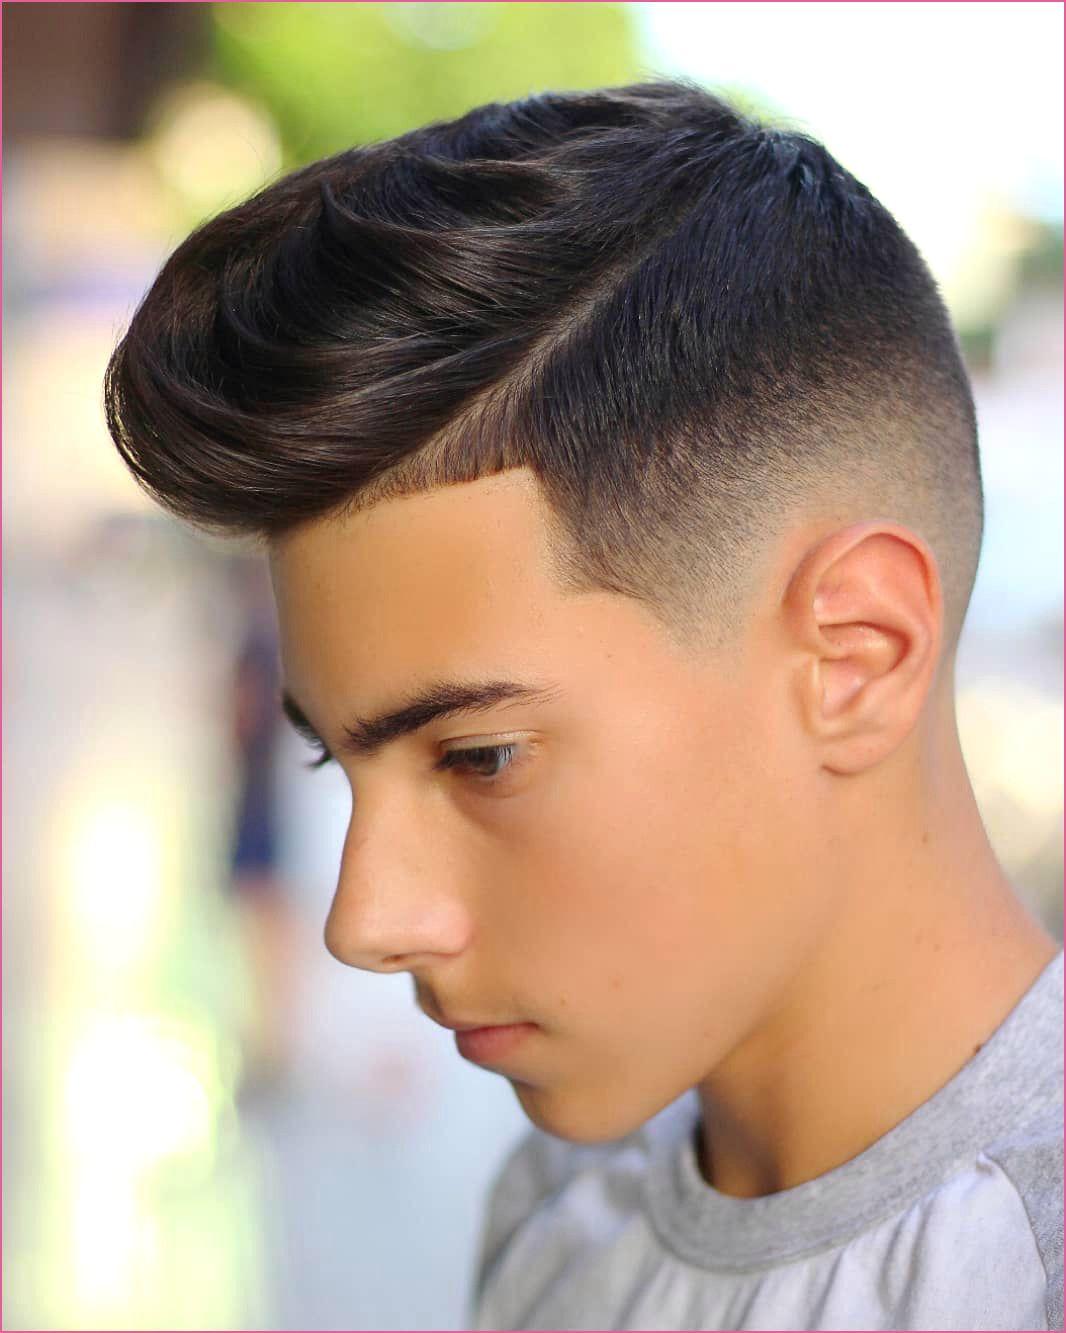 Nett Undercut Jungs 2020 Teenager Haarschnitt Jungs Jungen Haarschnitt Teenager Frisuren